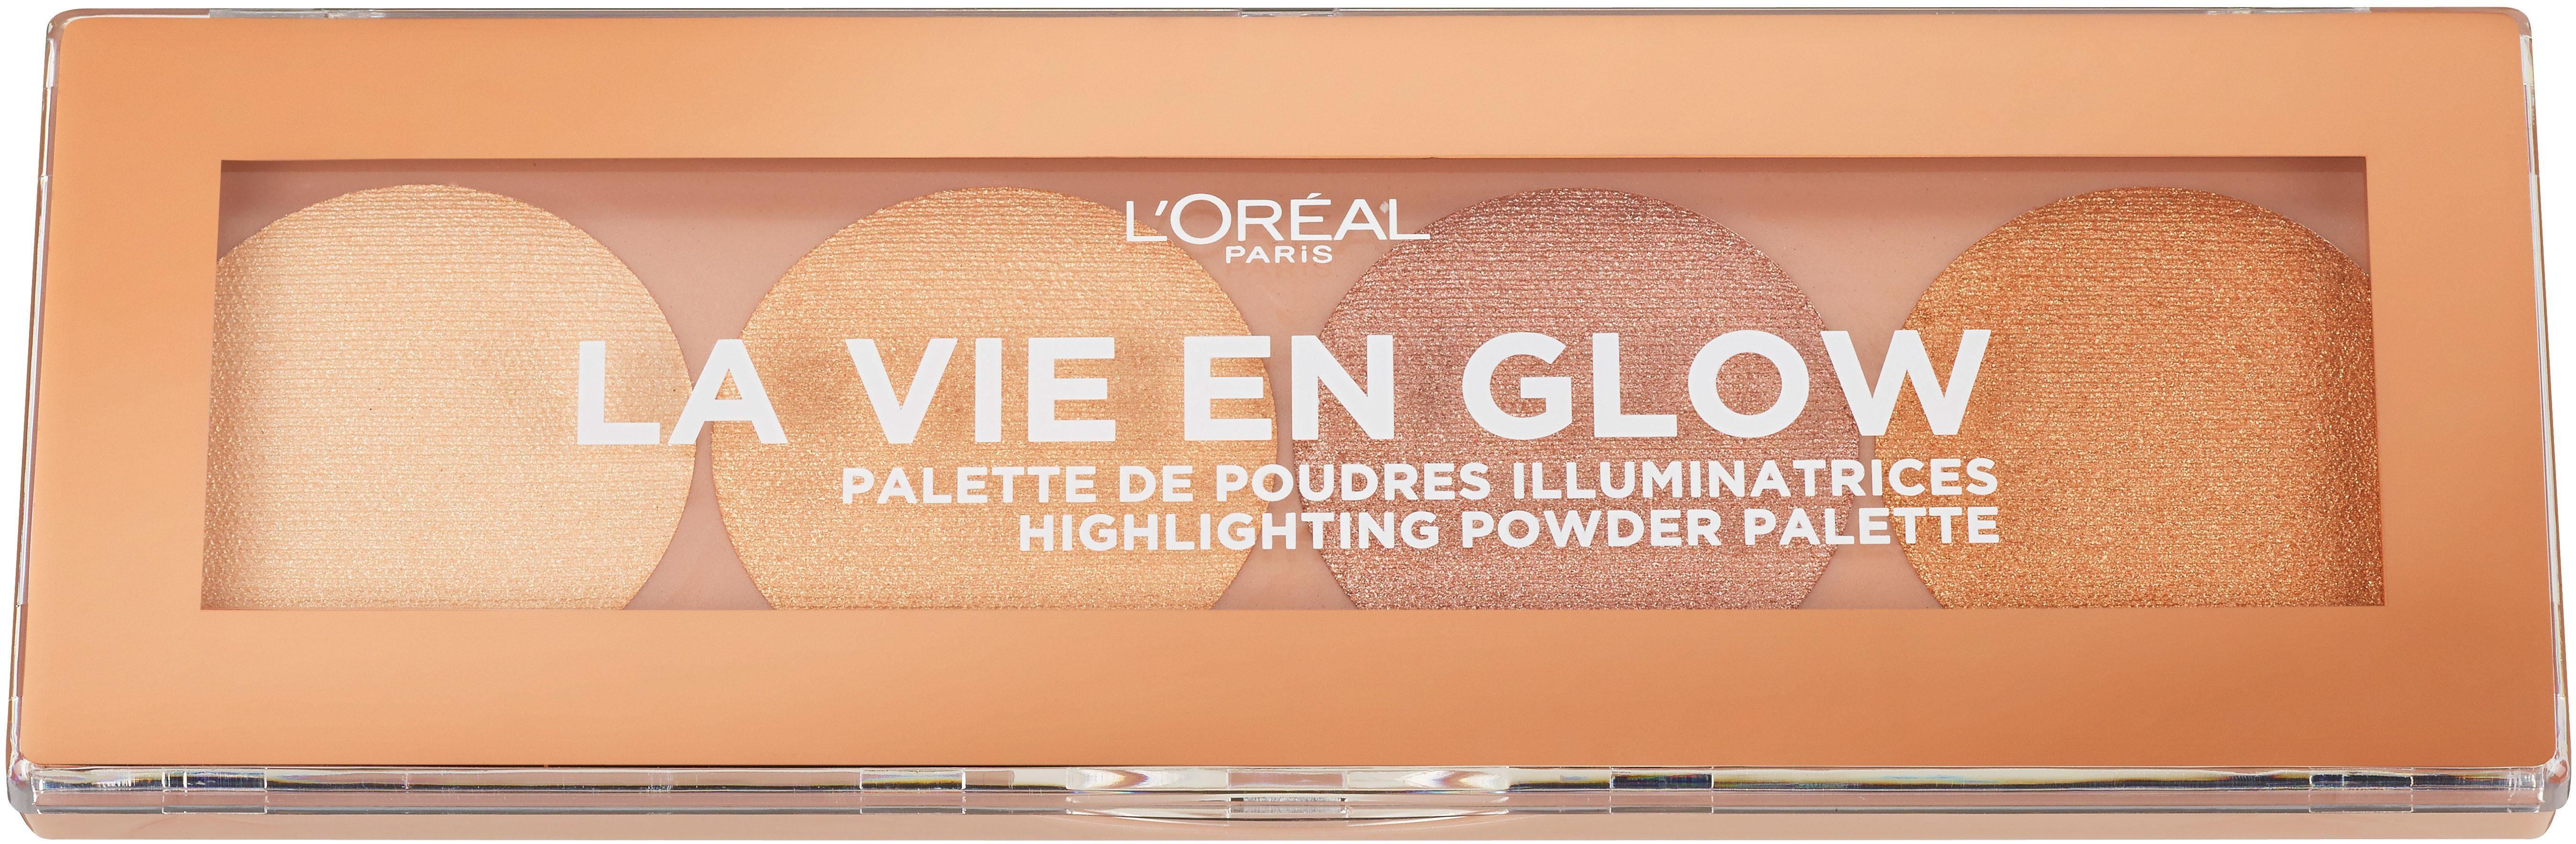 L'Oréal Paris, »La vie en glow«, Highlighter Puder-Palette